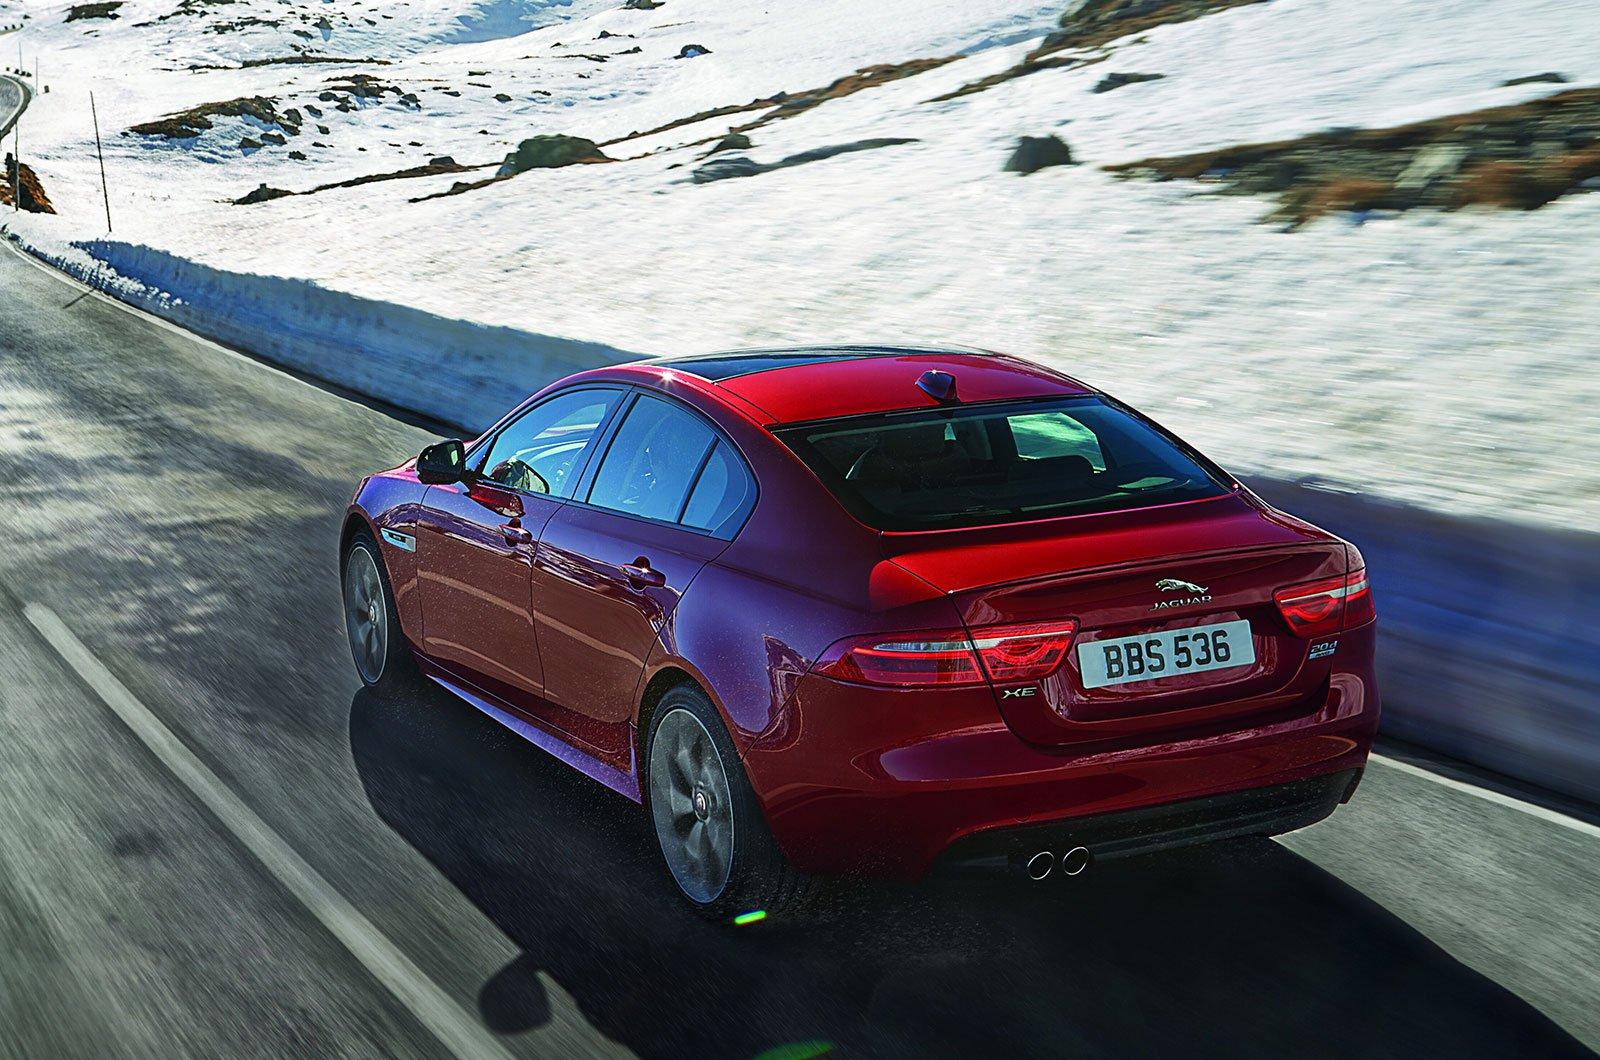 Jaguar XE on wintry road